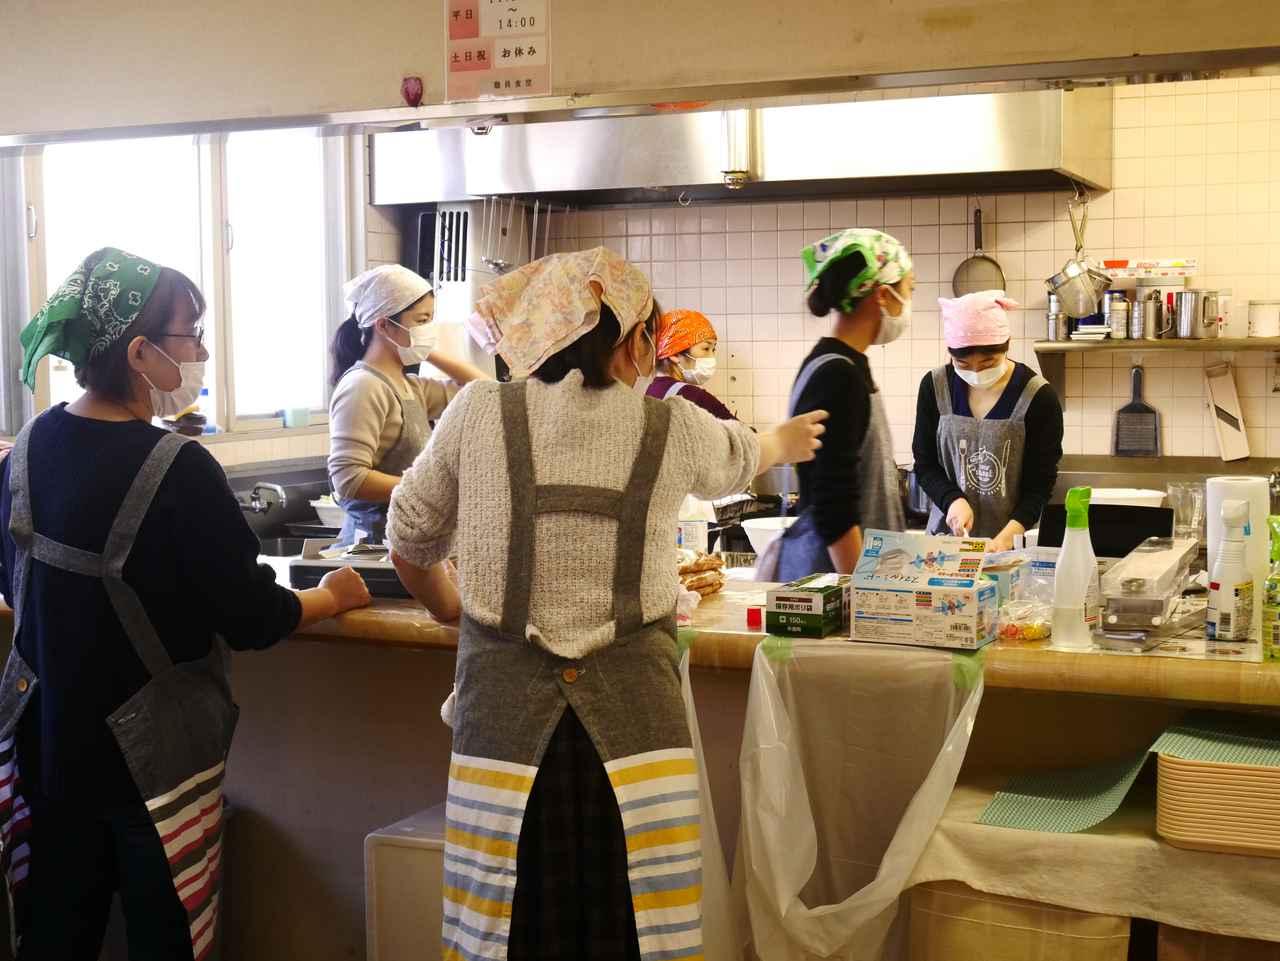 画像3: 滋賀県「食物アレルギー対応子ども食堂」にて、クリスマス会が開催されました